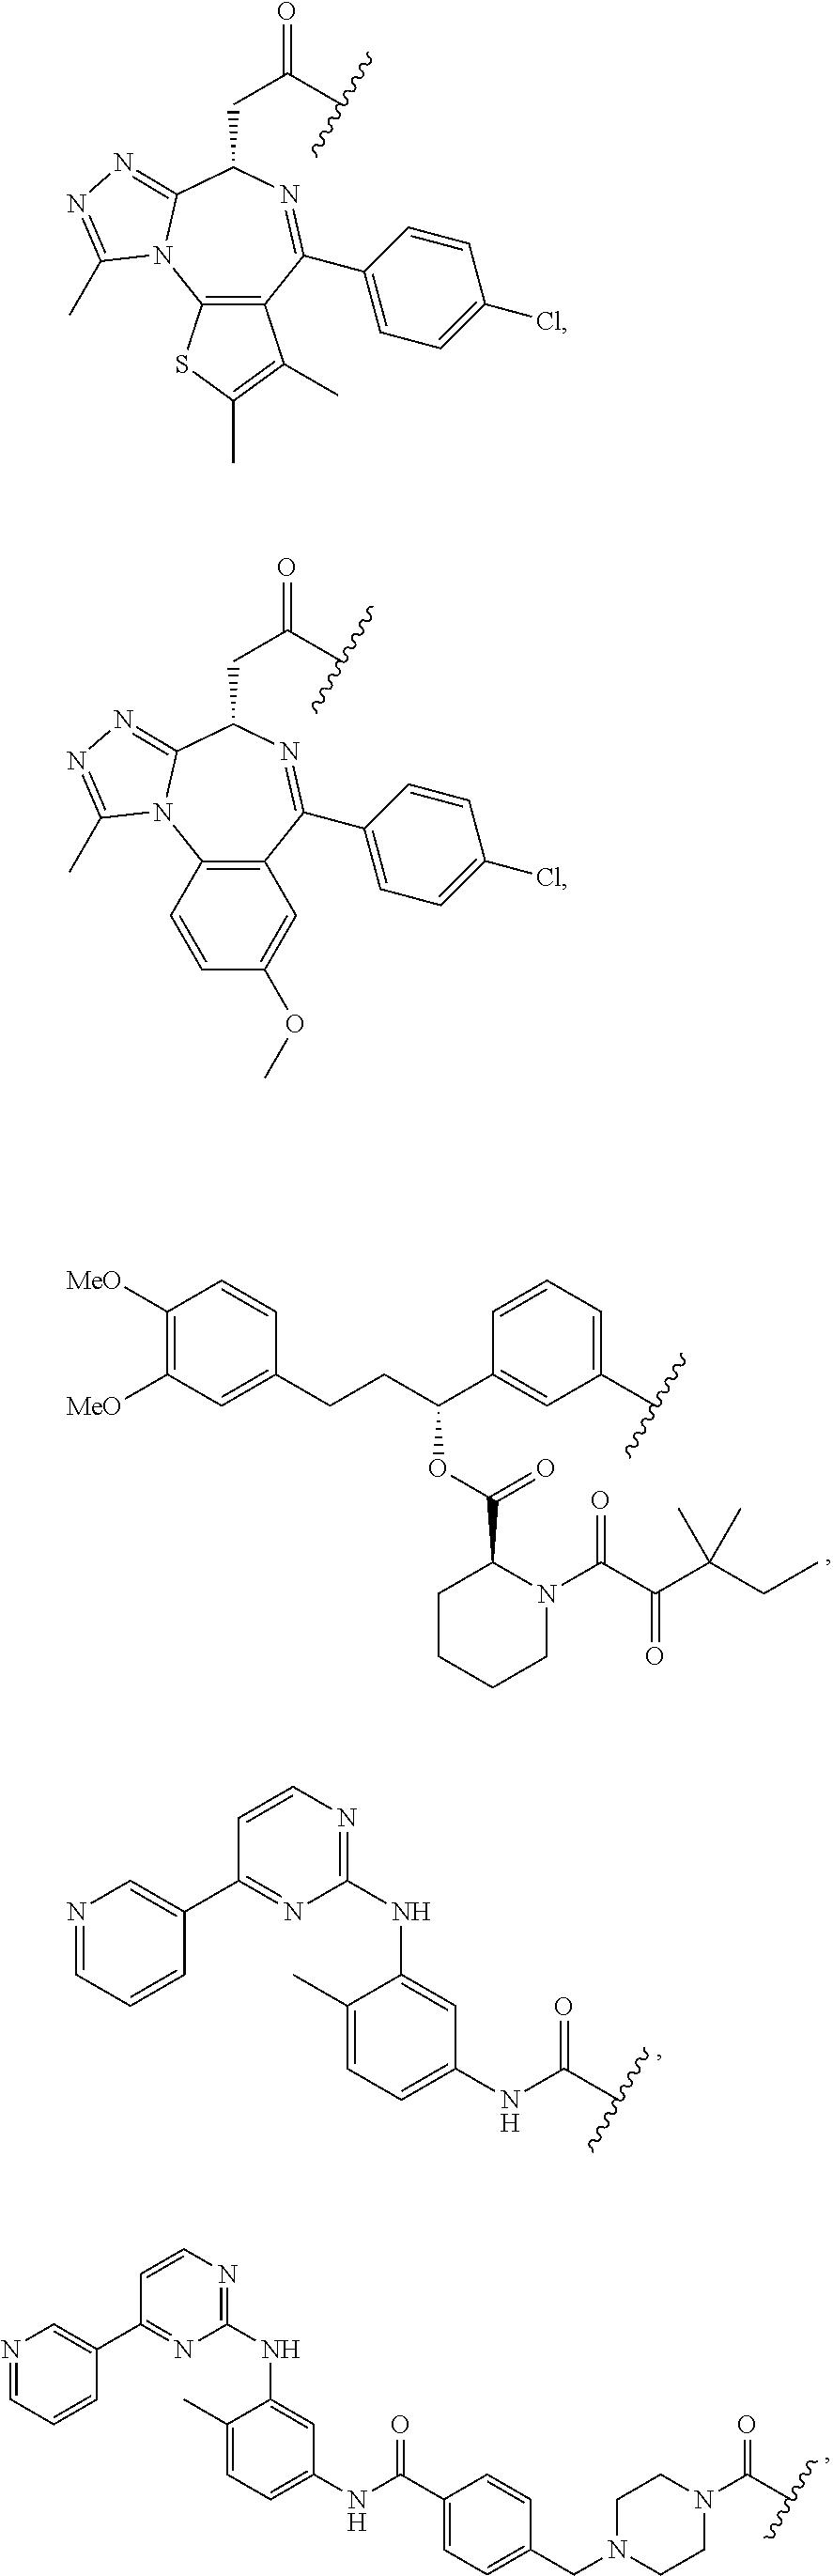 Figure US09809603-20171107-C00019